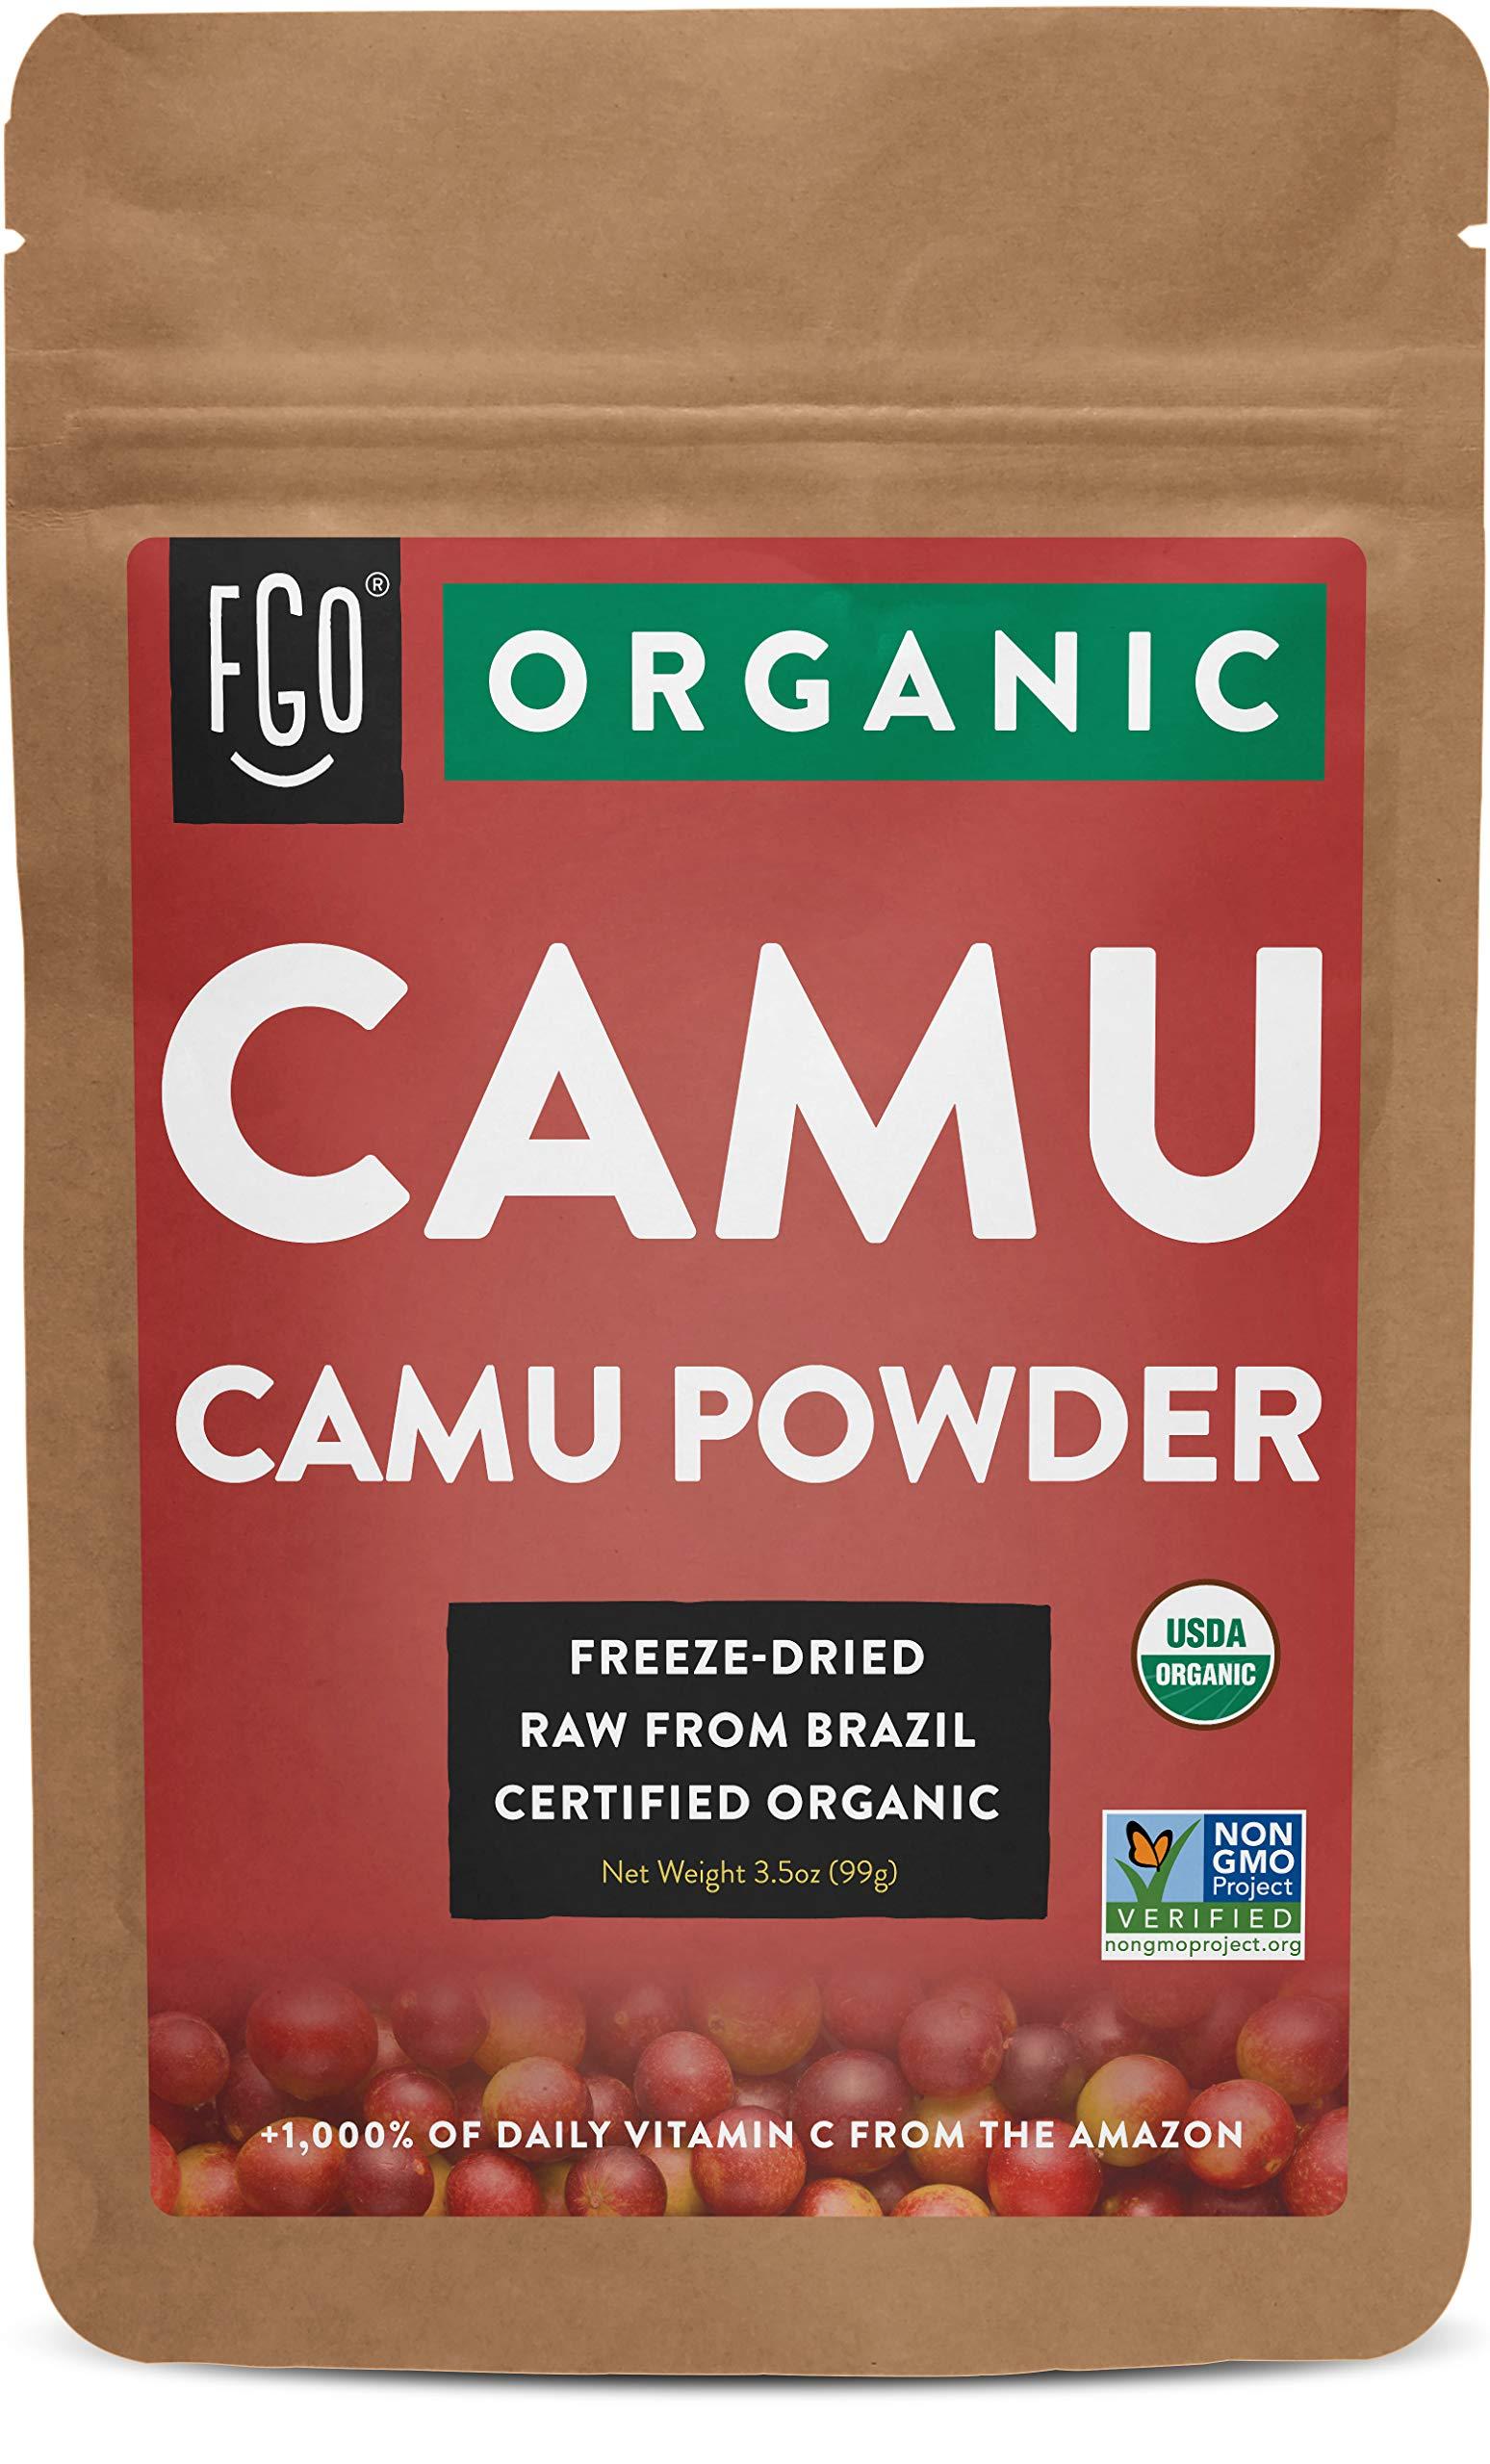 FGO Organic Freeze-Dried Camu Powder | 3.5oz Resealable Kraft Bag | 100% Raw from Brazil